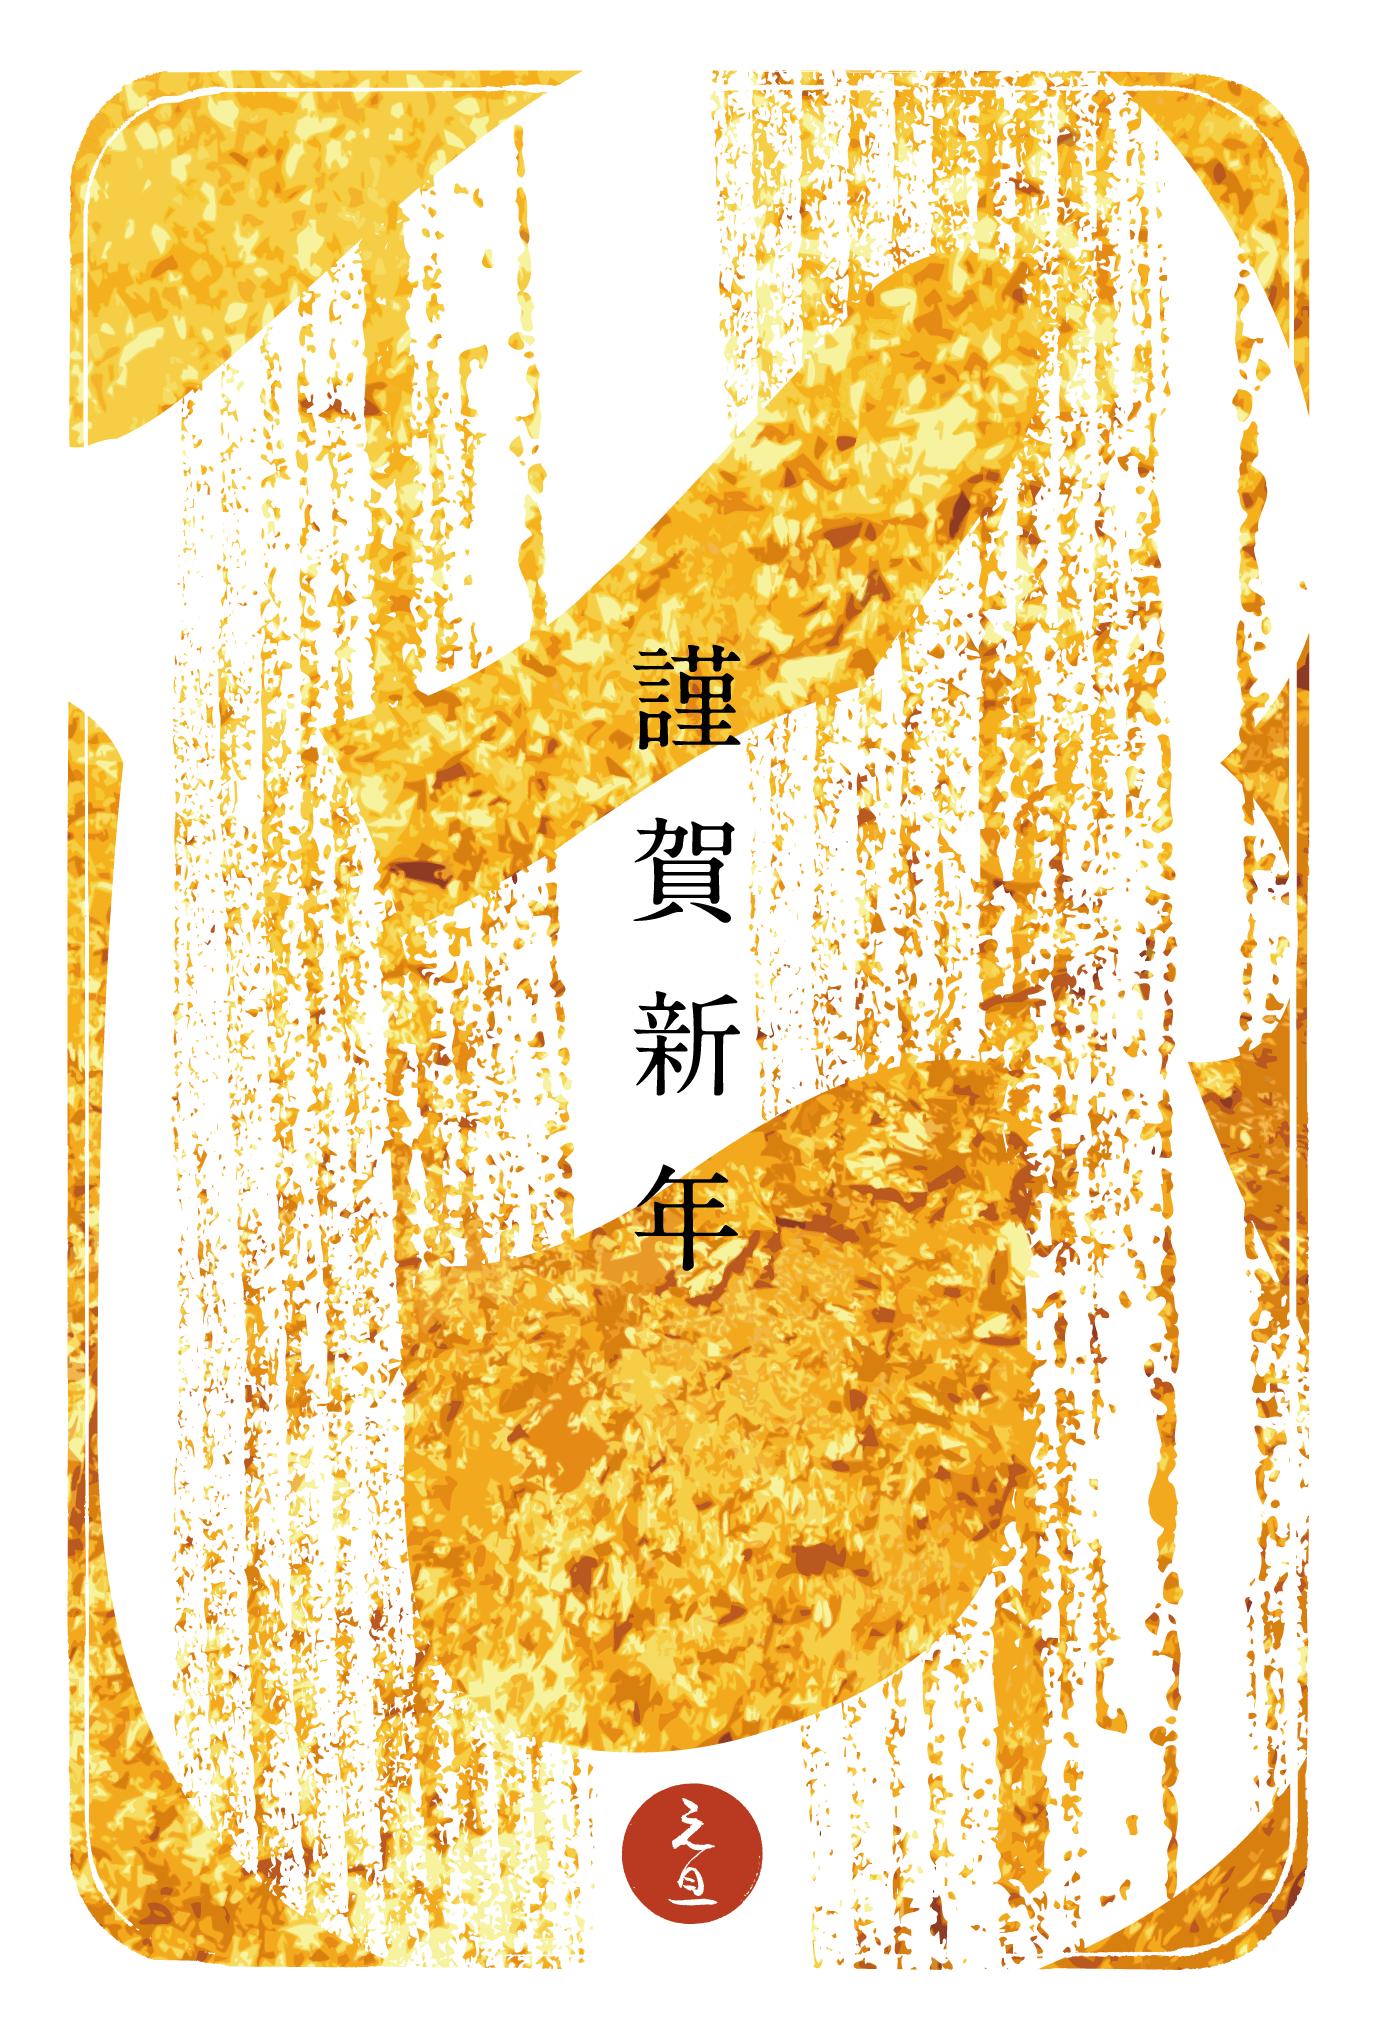 2013年賀状04:江戸勘亭流(巳)金箔のダウンロード画像